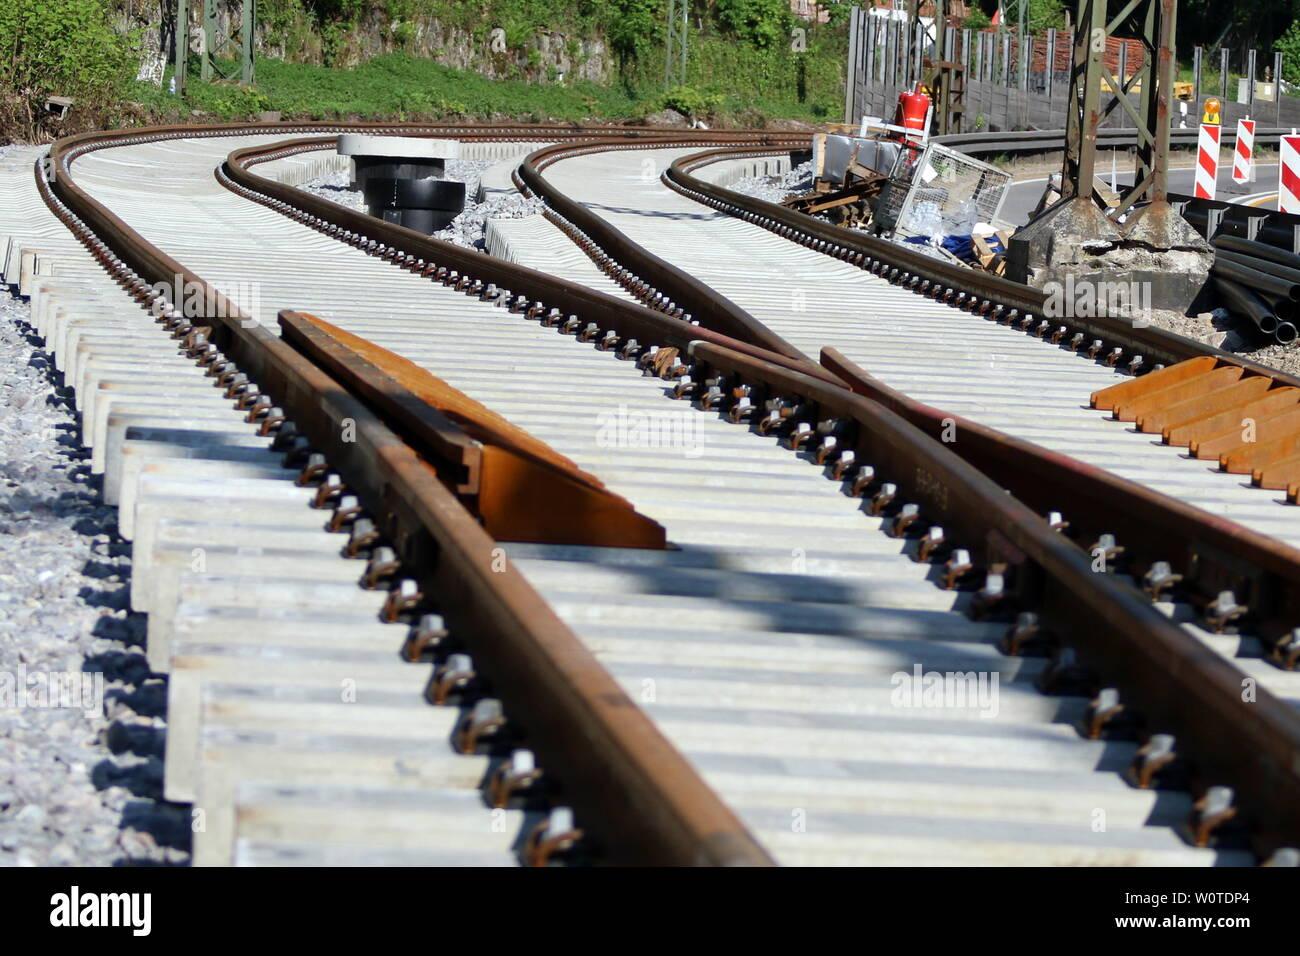 Themenbild: Busse und Bahnen Stock Photo